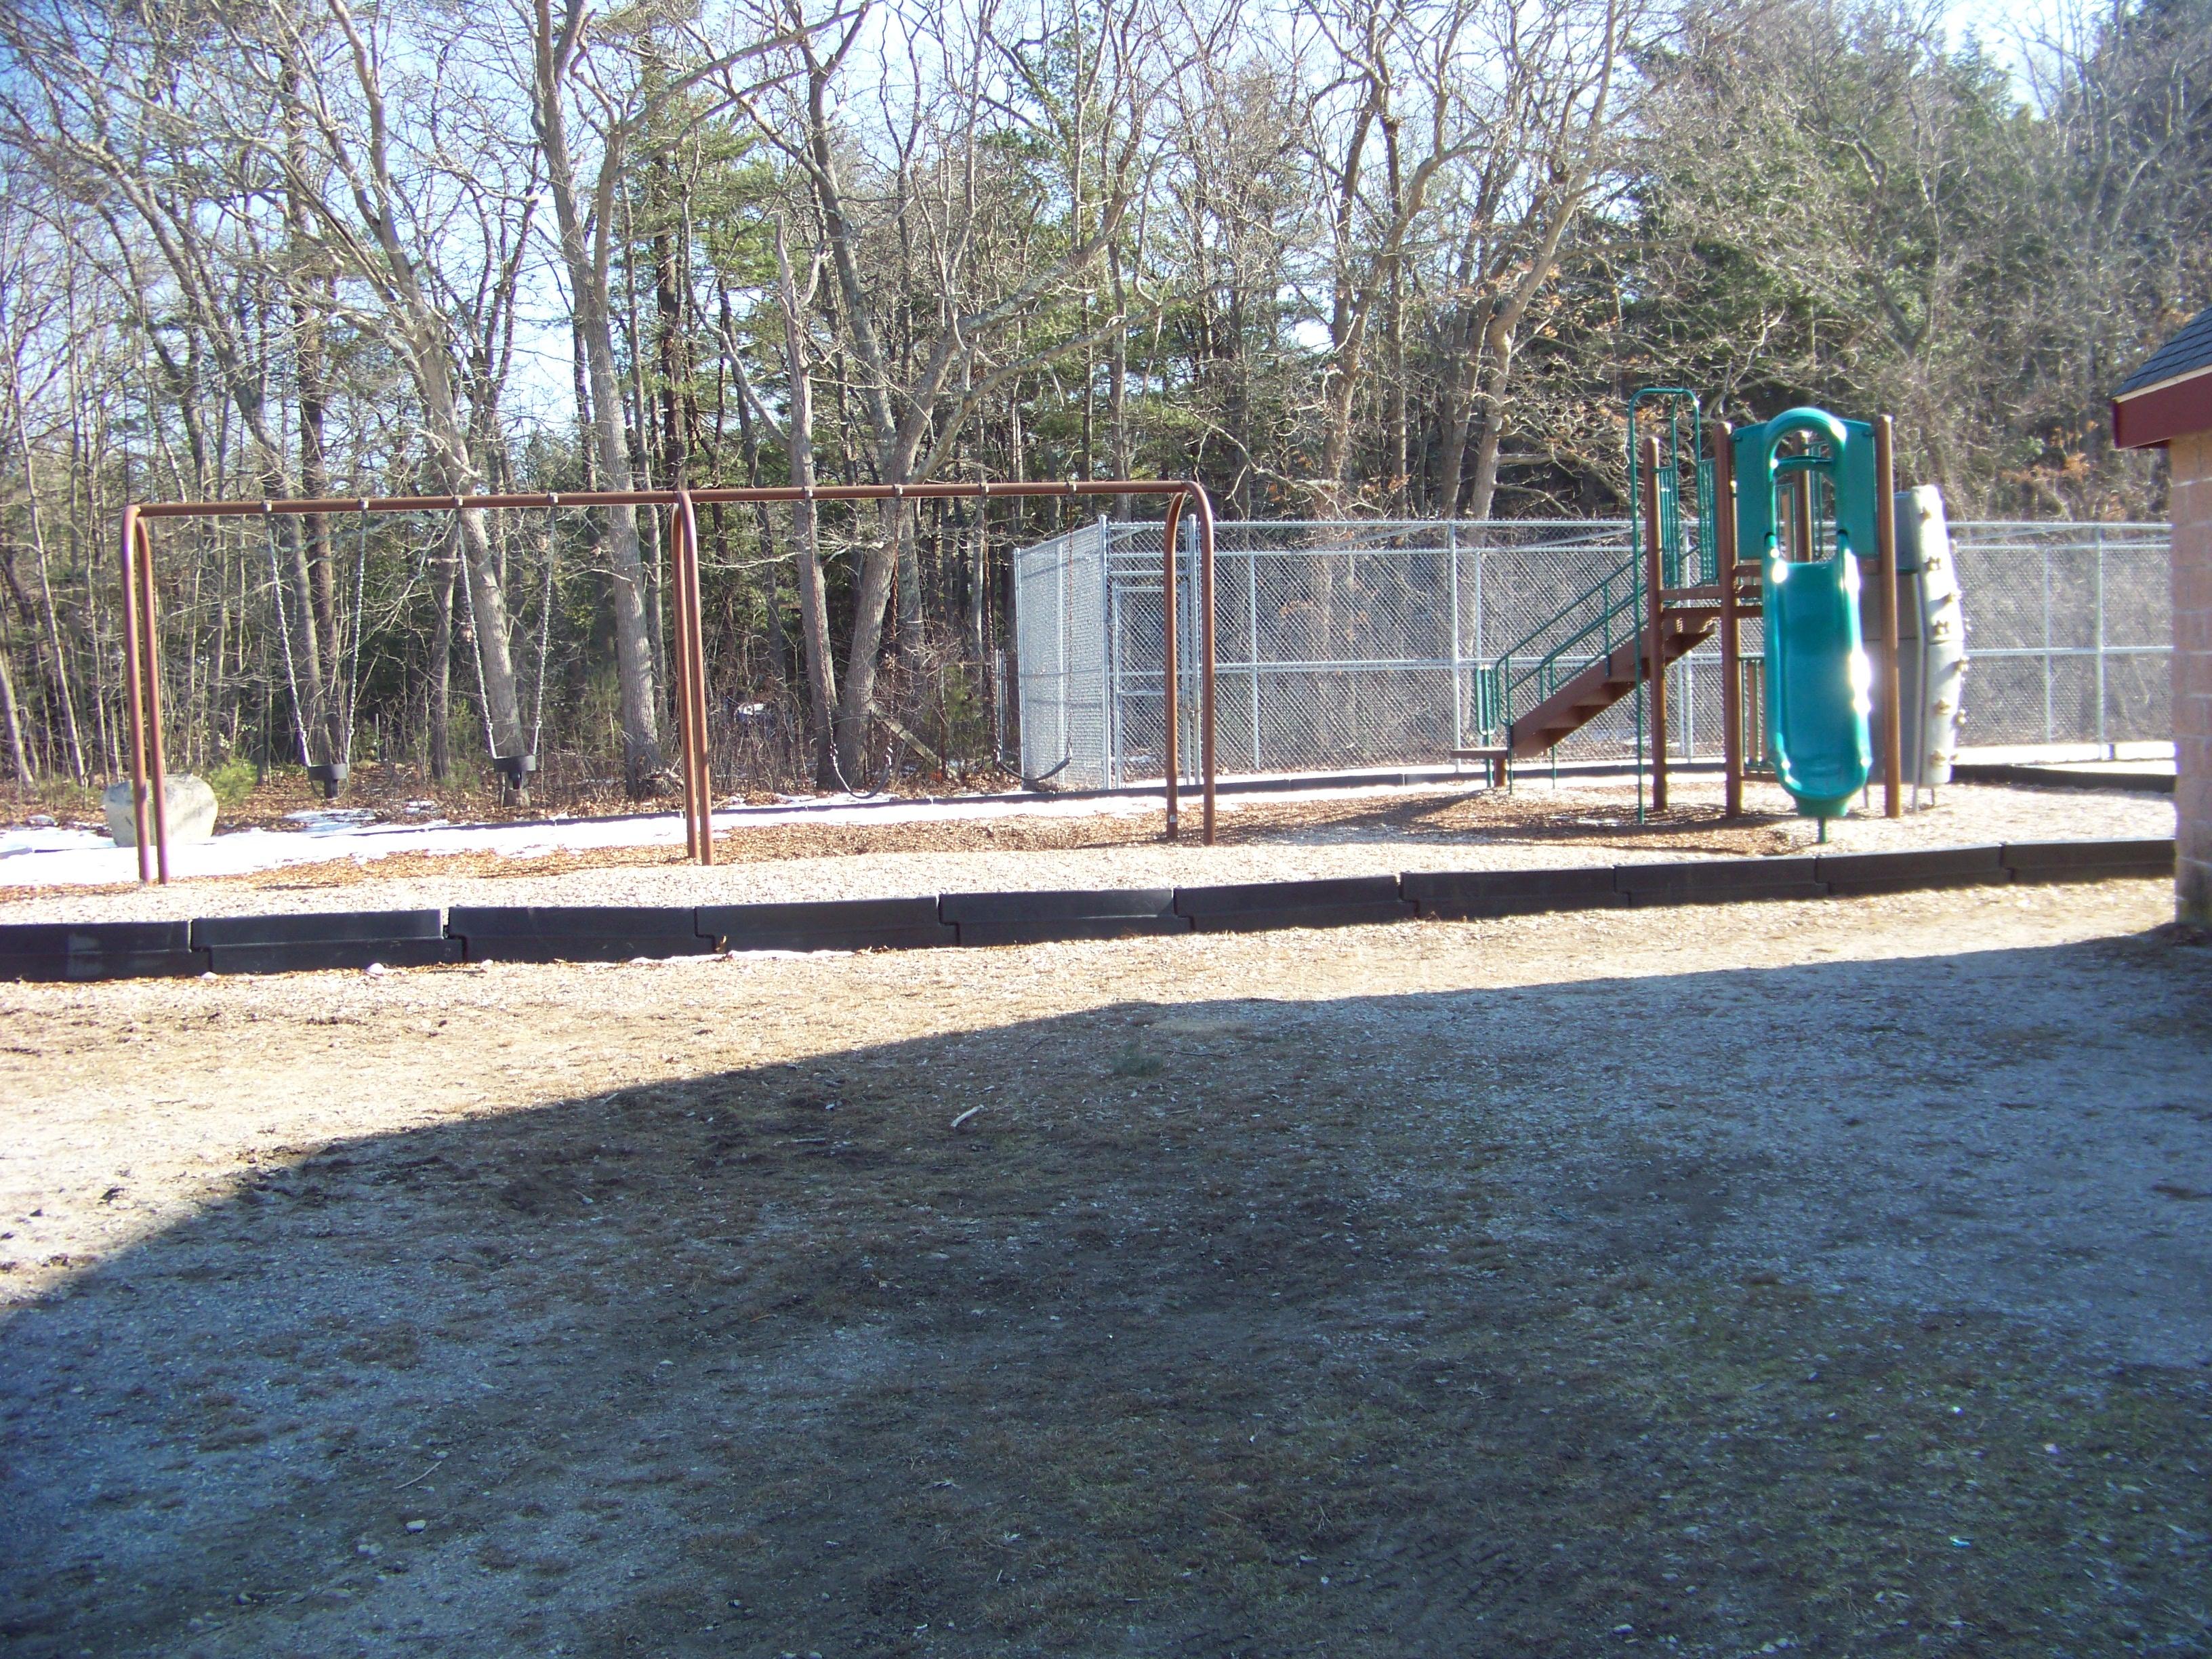 Negus Park Playground